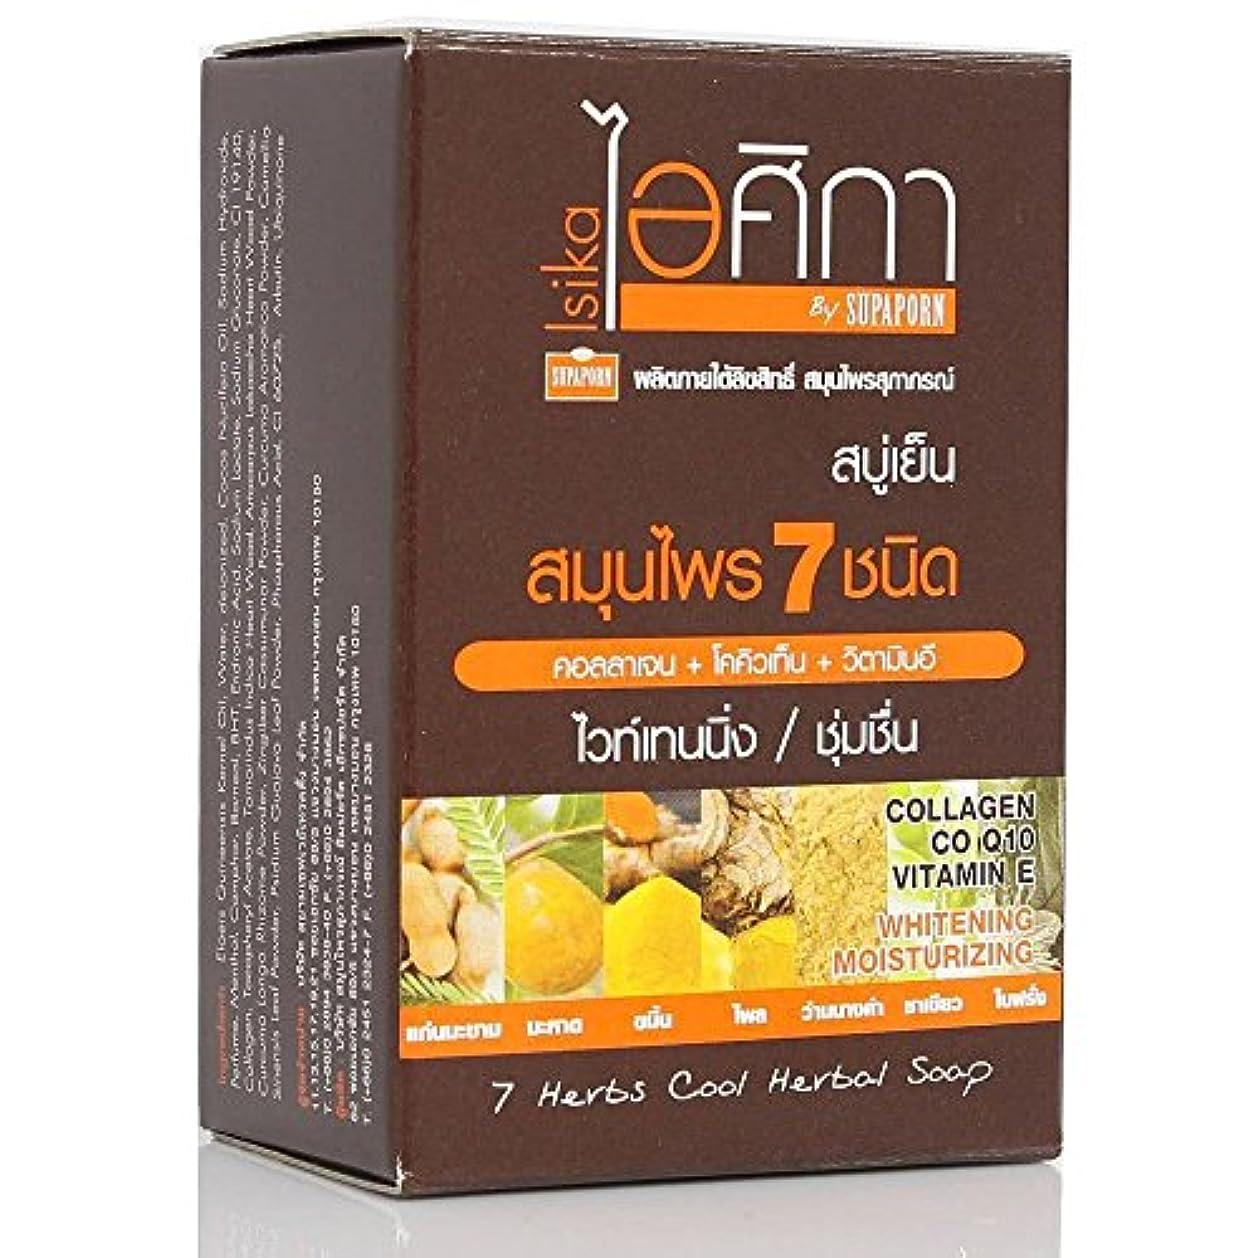 吐き出すリーフレット非難Isika 7 herbs Cool Herbal Soap with Collagen, Co-enzyme Q10, Vitamin E 100g